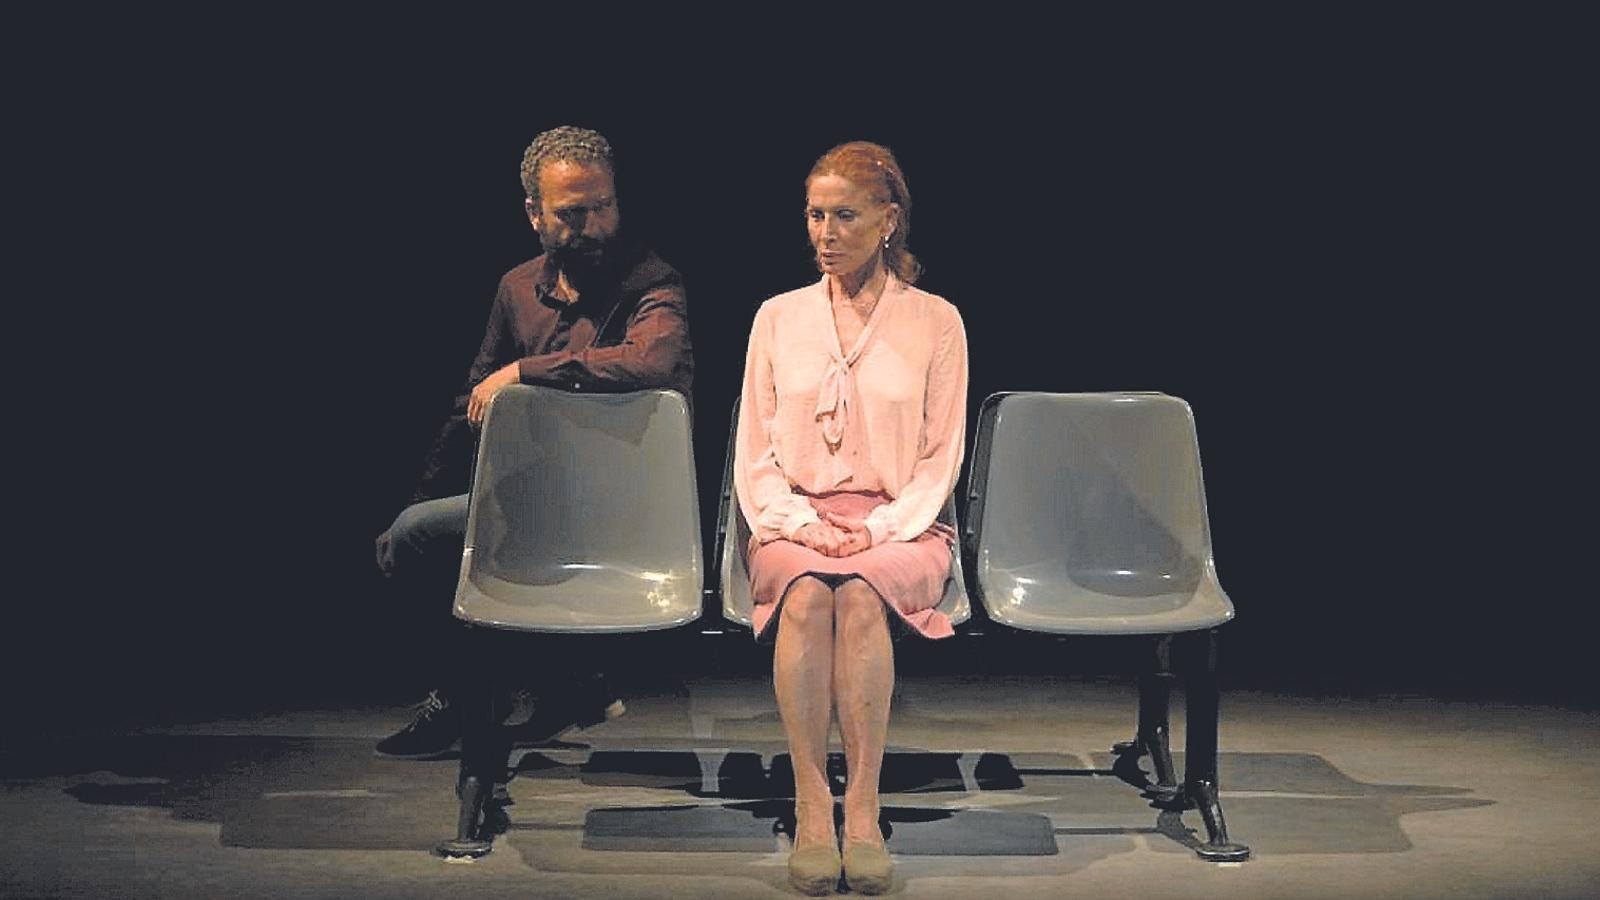 Abans que arribi l'alemany, de Marta Barceló, va ser la guanyadora de la segona edició del Torneig de Dramatúrgia